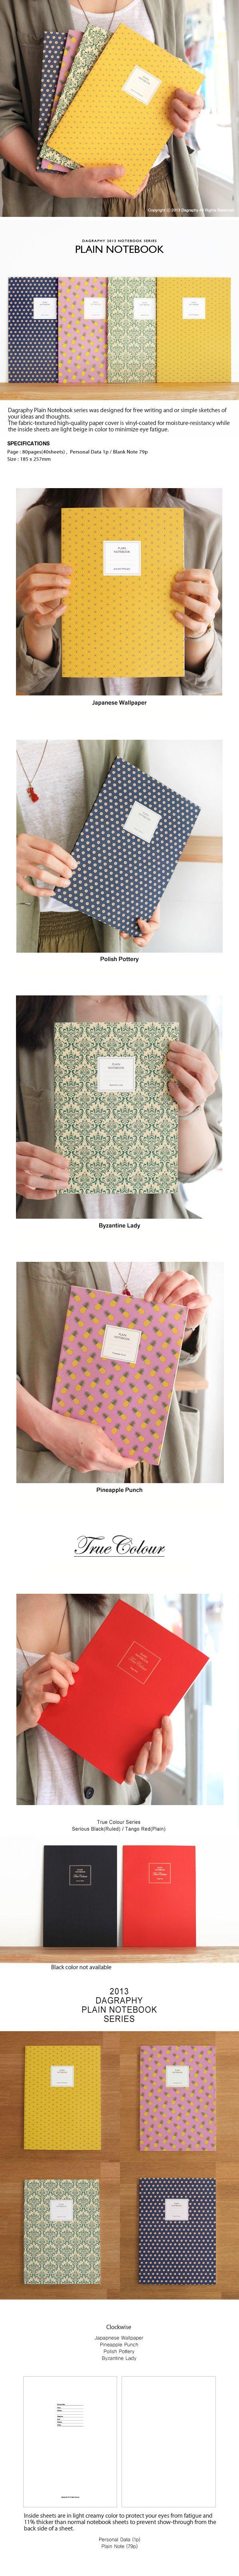 Dagraphy Plain Notebook Series - Product Description.